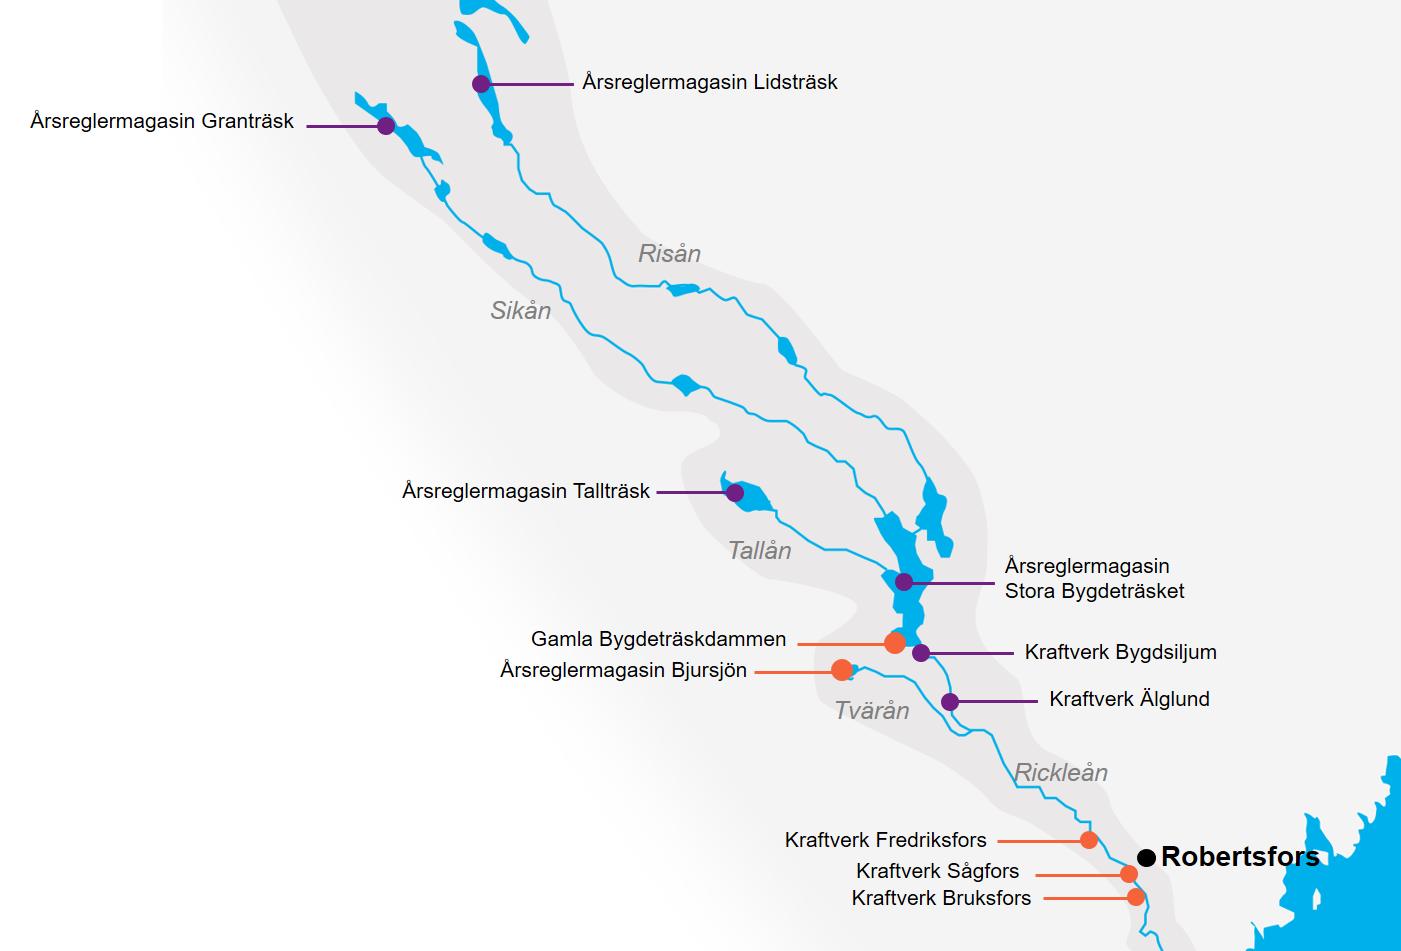 Karta över våra anläggningar i Rickleån